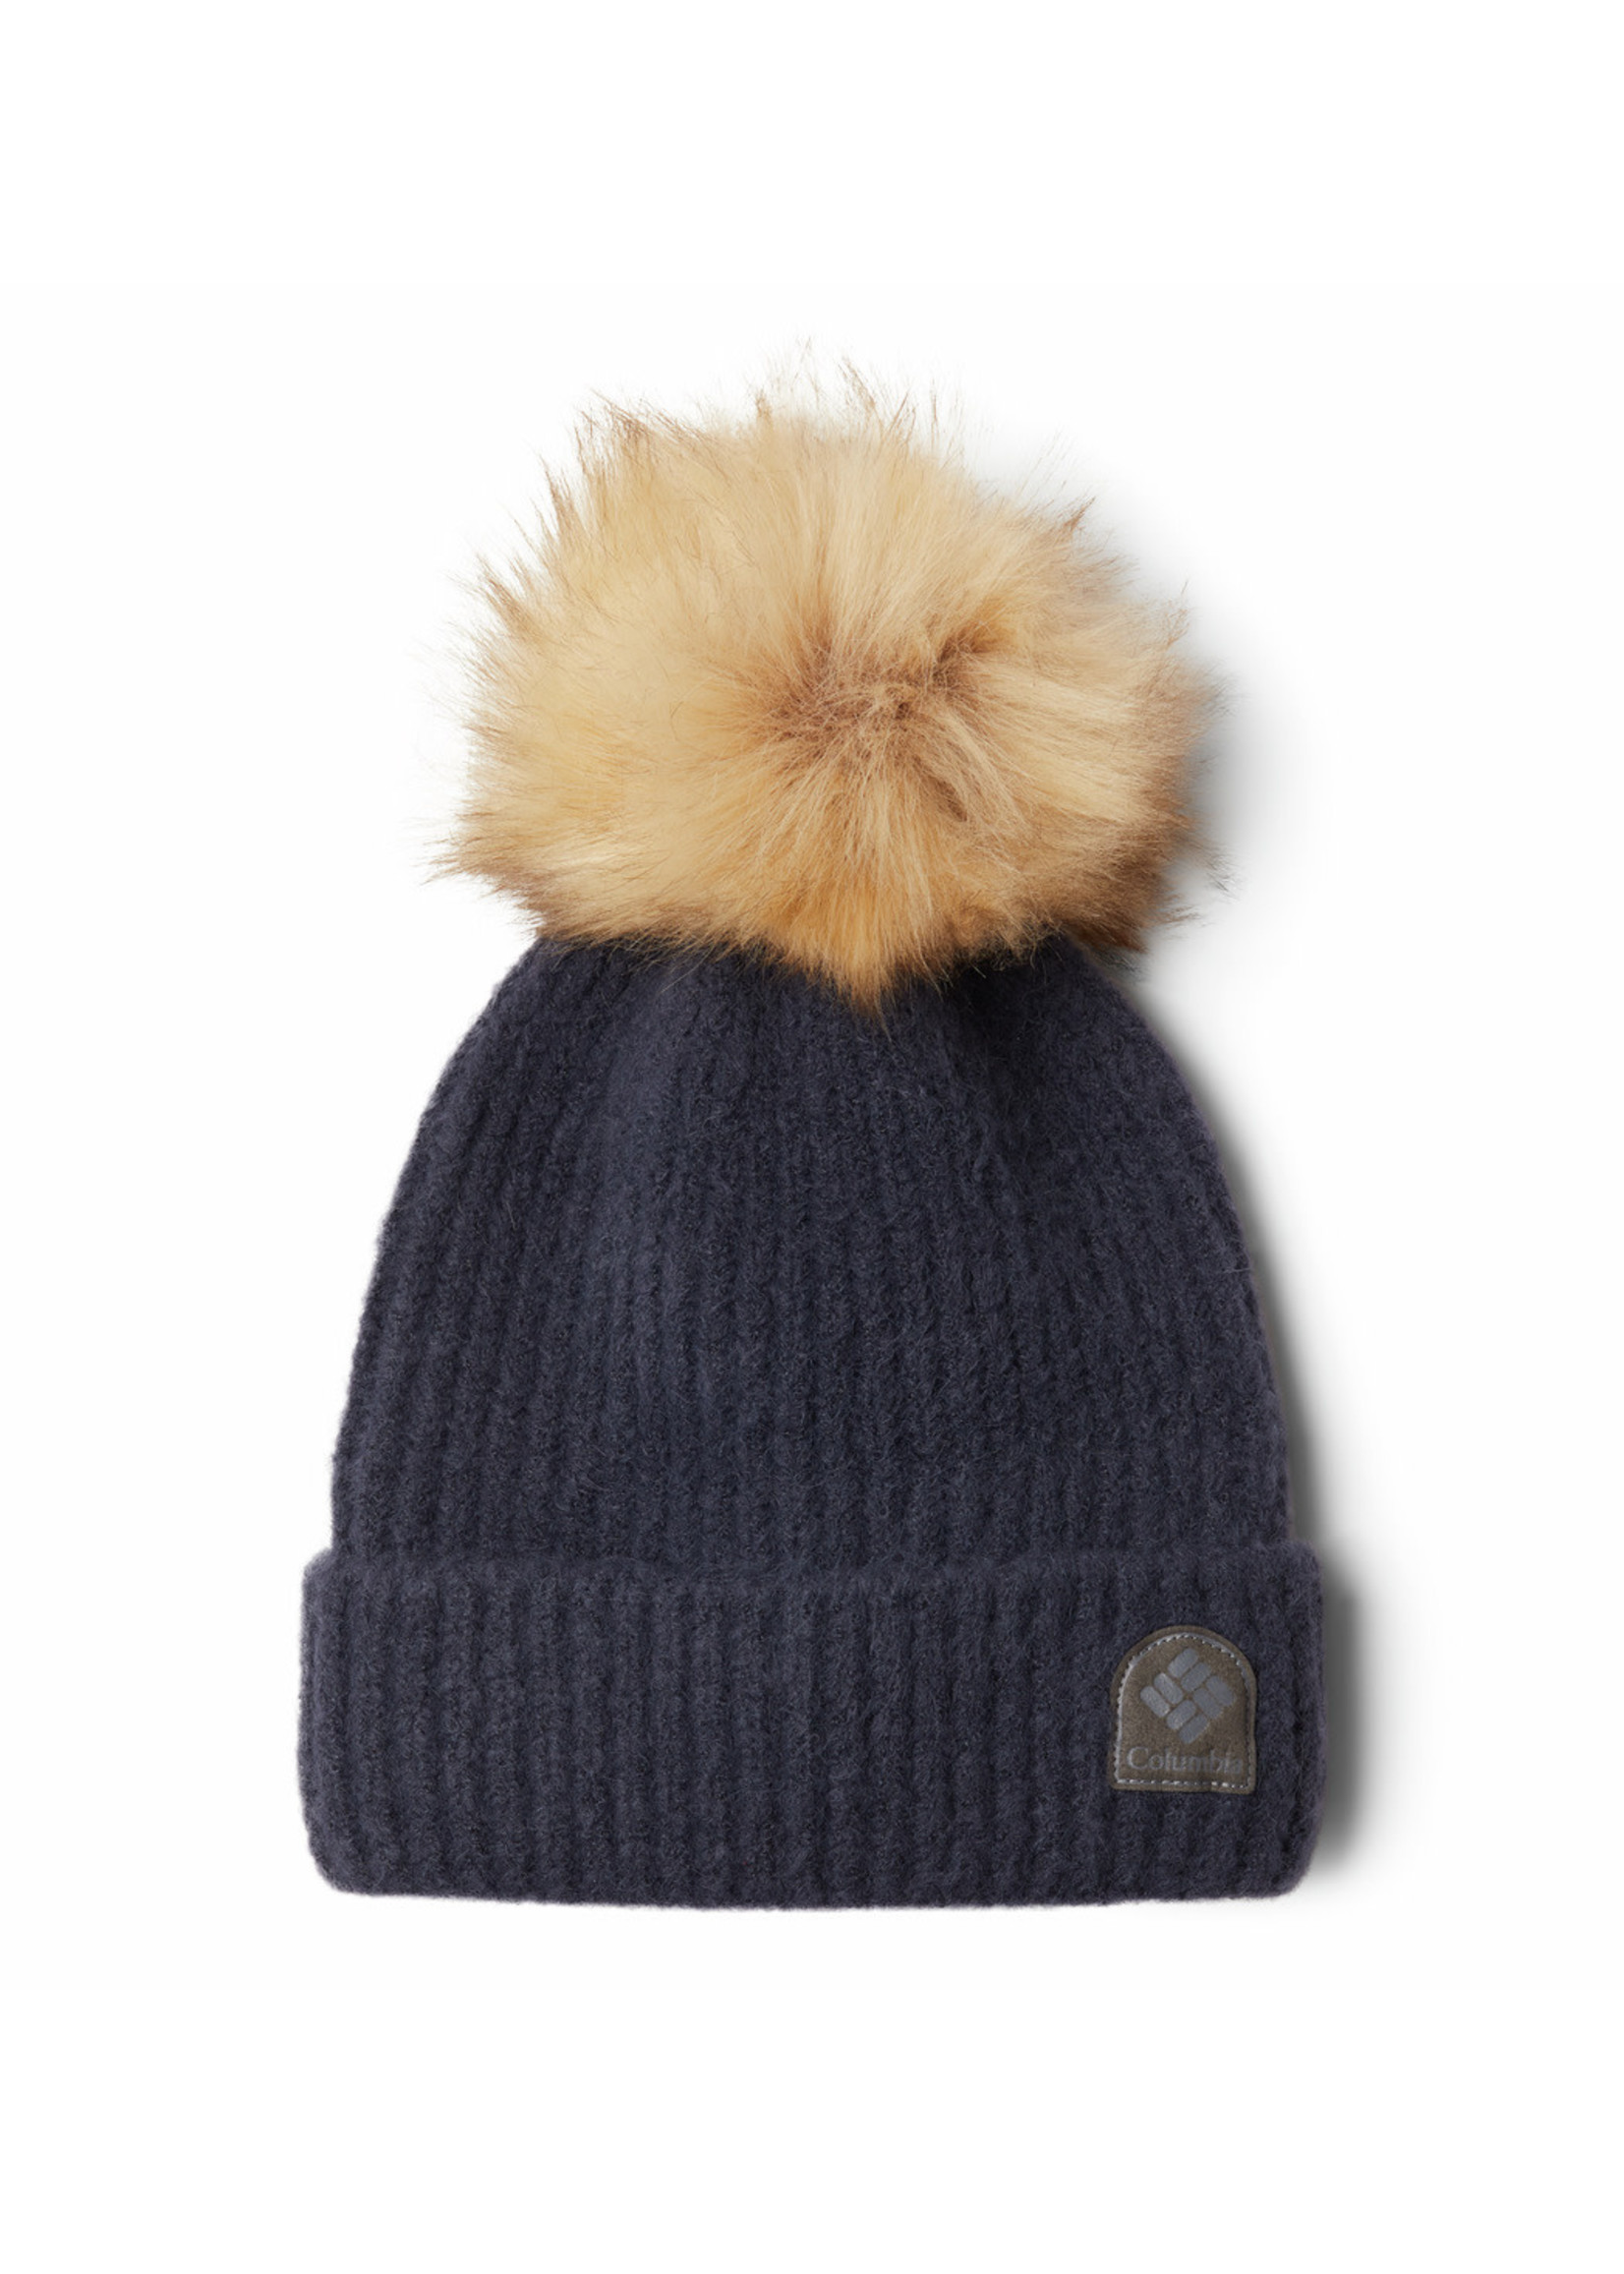 COLUMBIA Tuque à pompon Winter Blur™